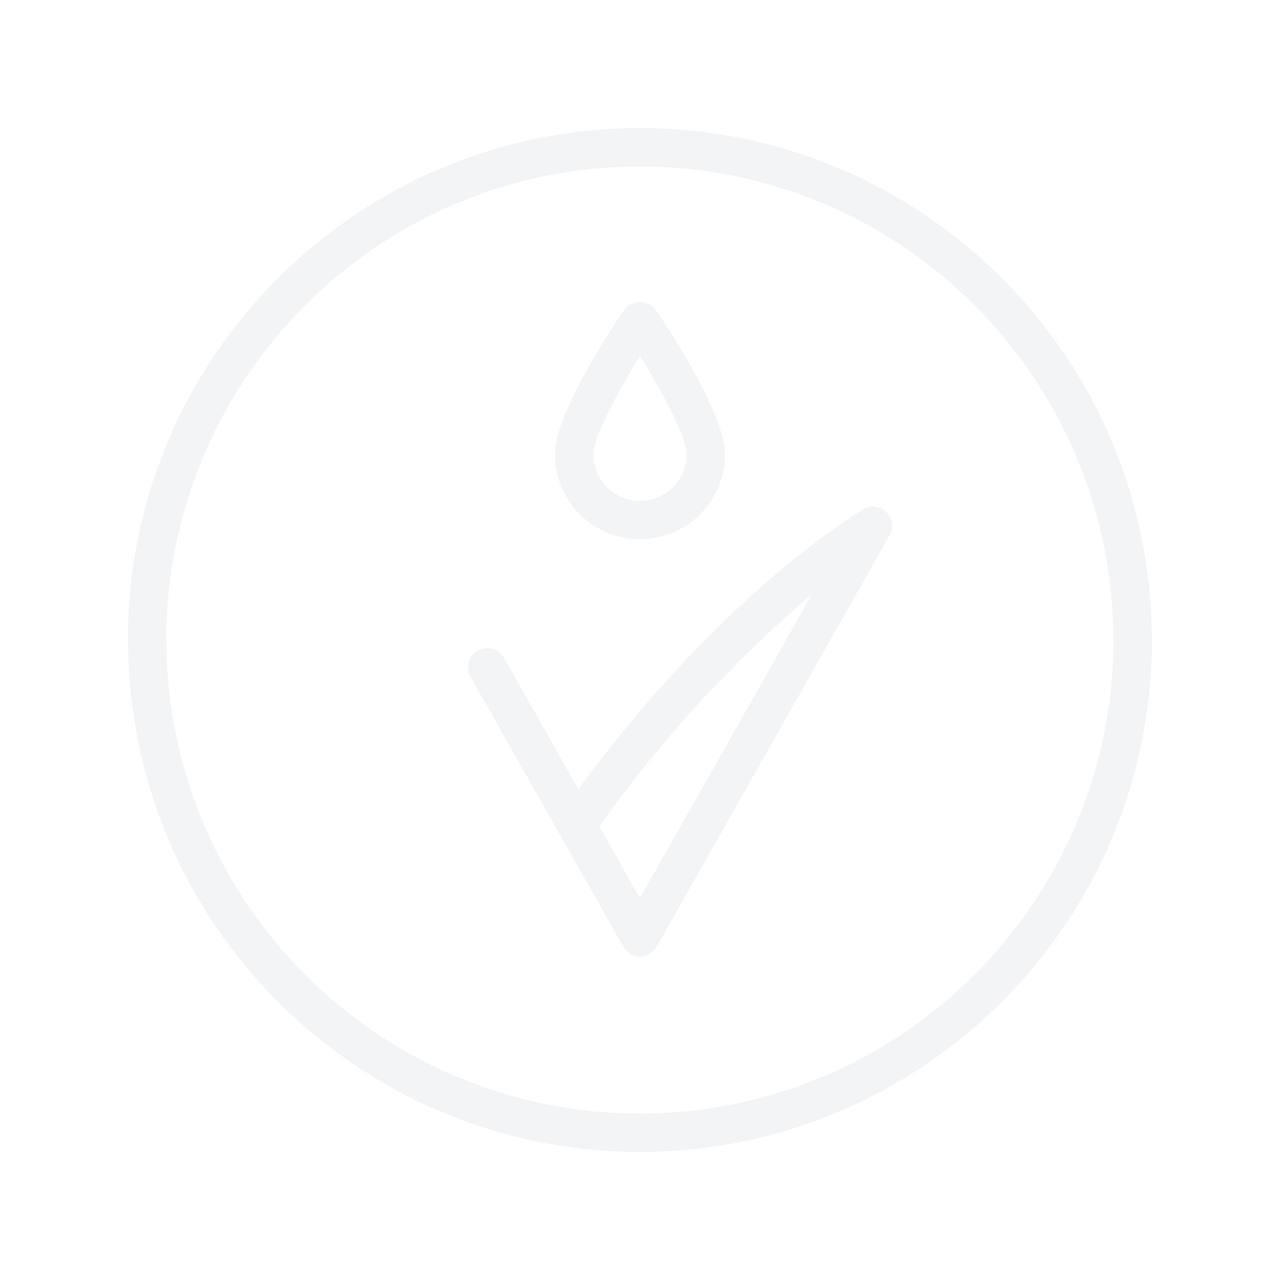 WELLA PROFESSIONALS Invigo Color Brilliance Conditioner (Coarse Hair) 1000ml